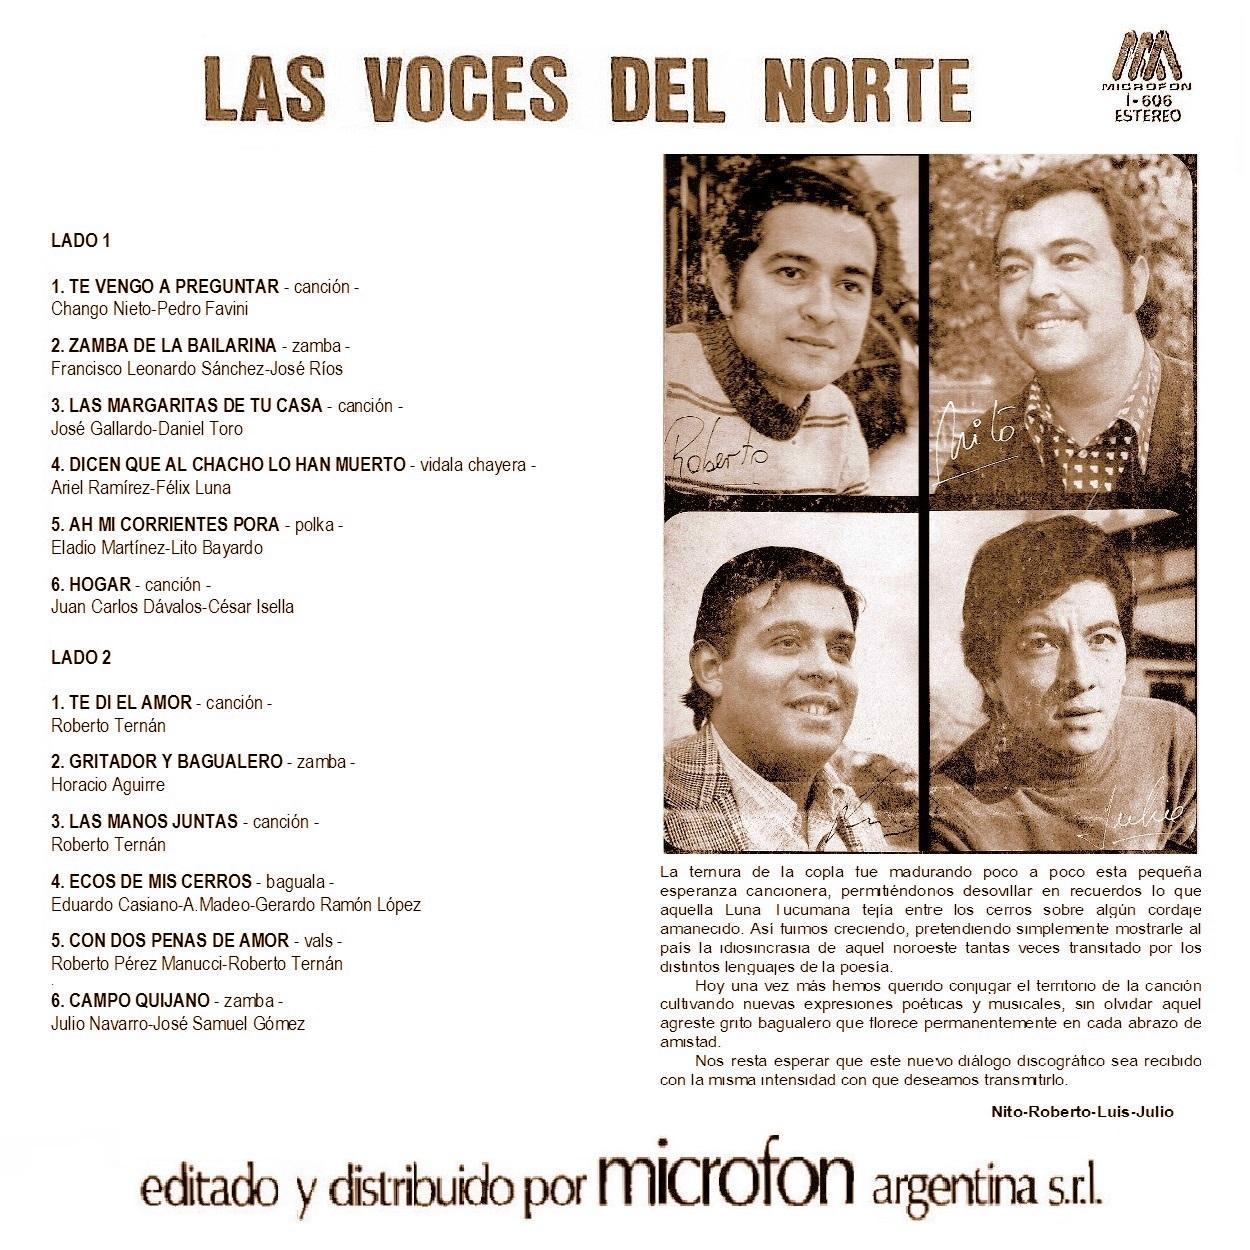 Folklore del noa las voces del norte las voces del - Microcementos del norte ...